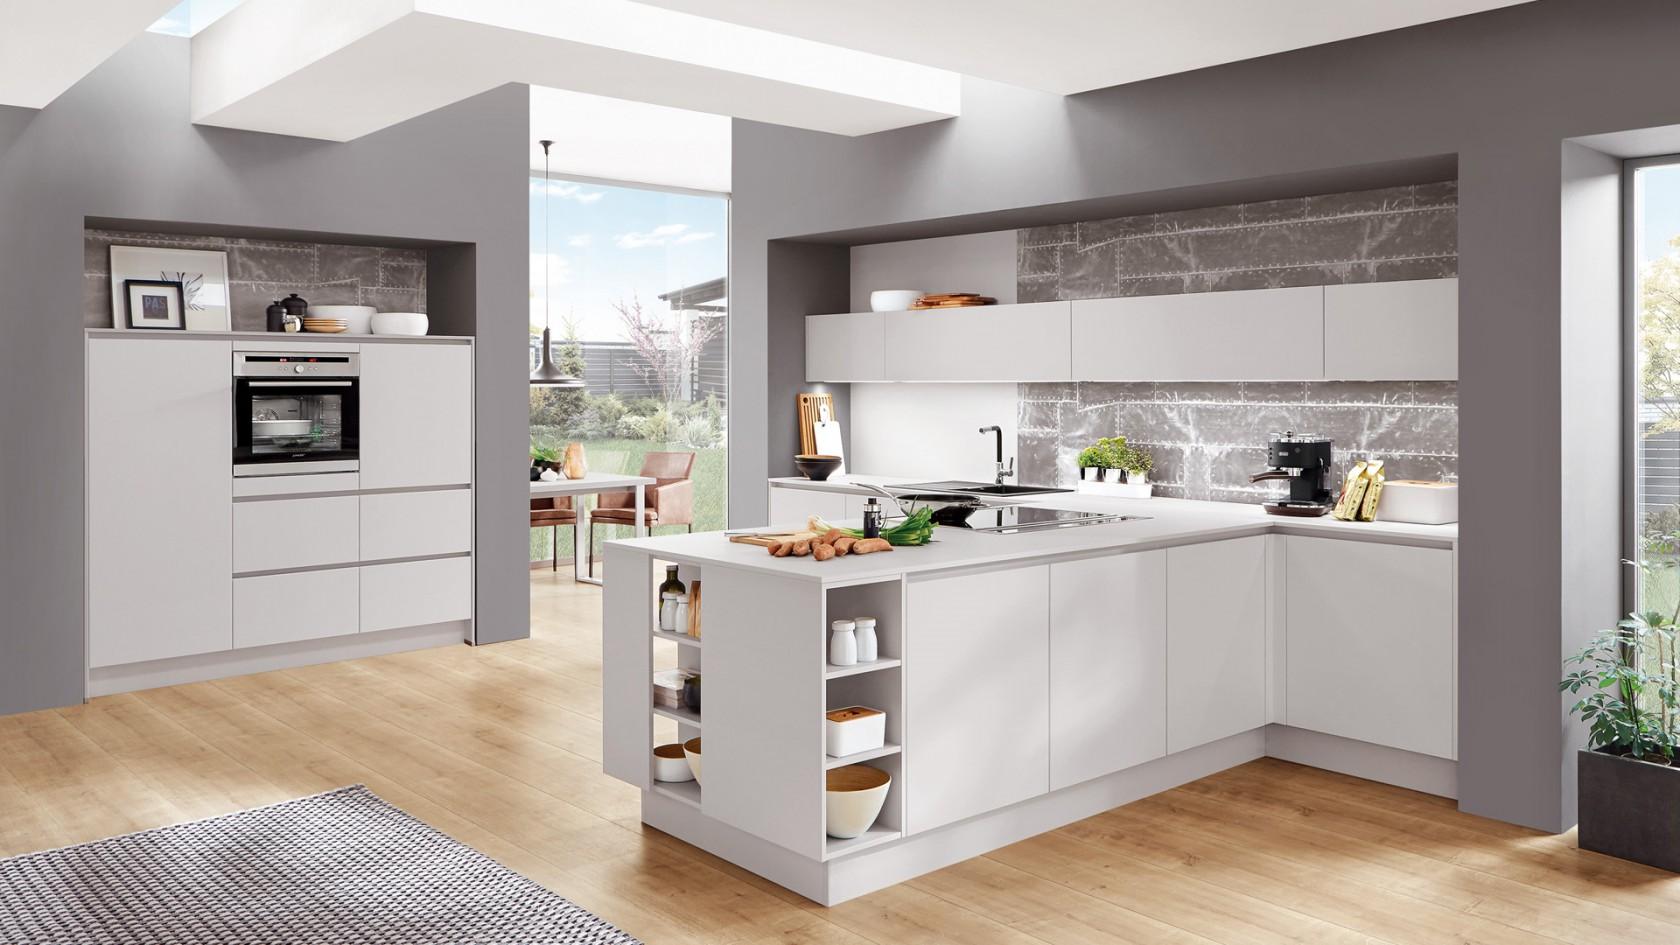 keukenstudio k chen nordhorn m bel nordhorn m bel faber. Black Bedroom Furniture Sets. Home Design Ideas